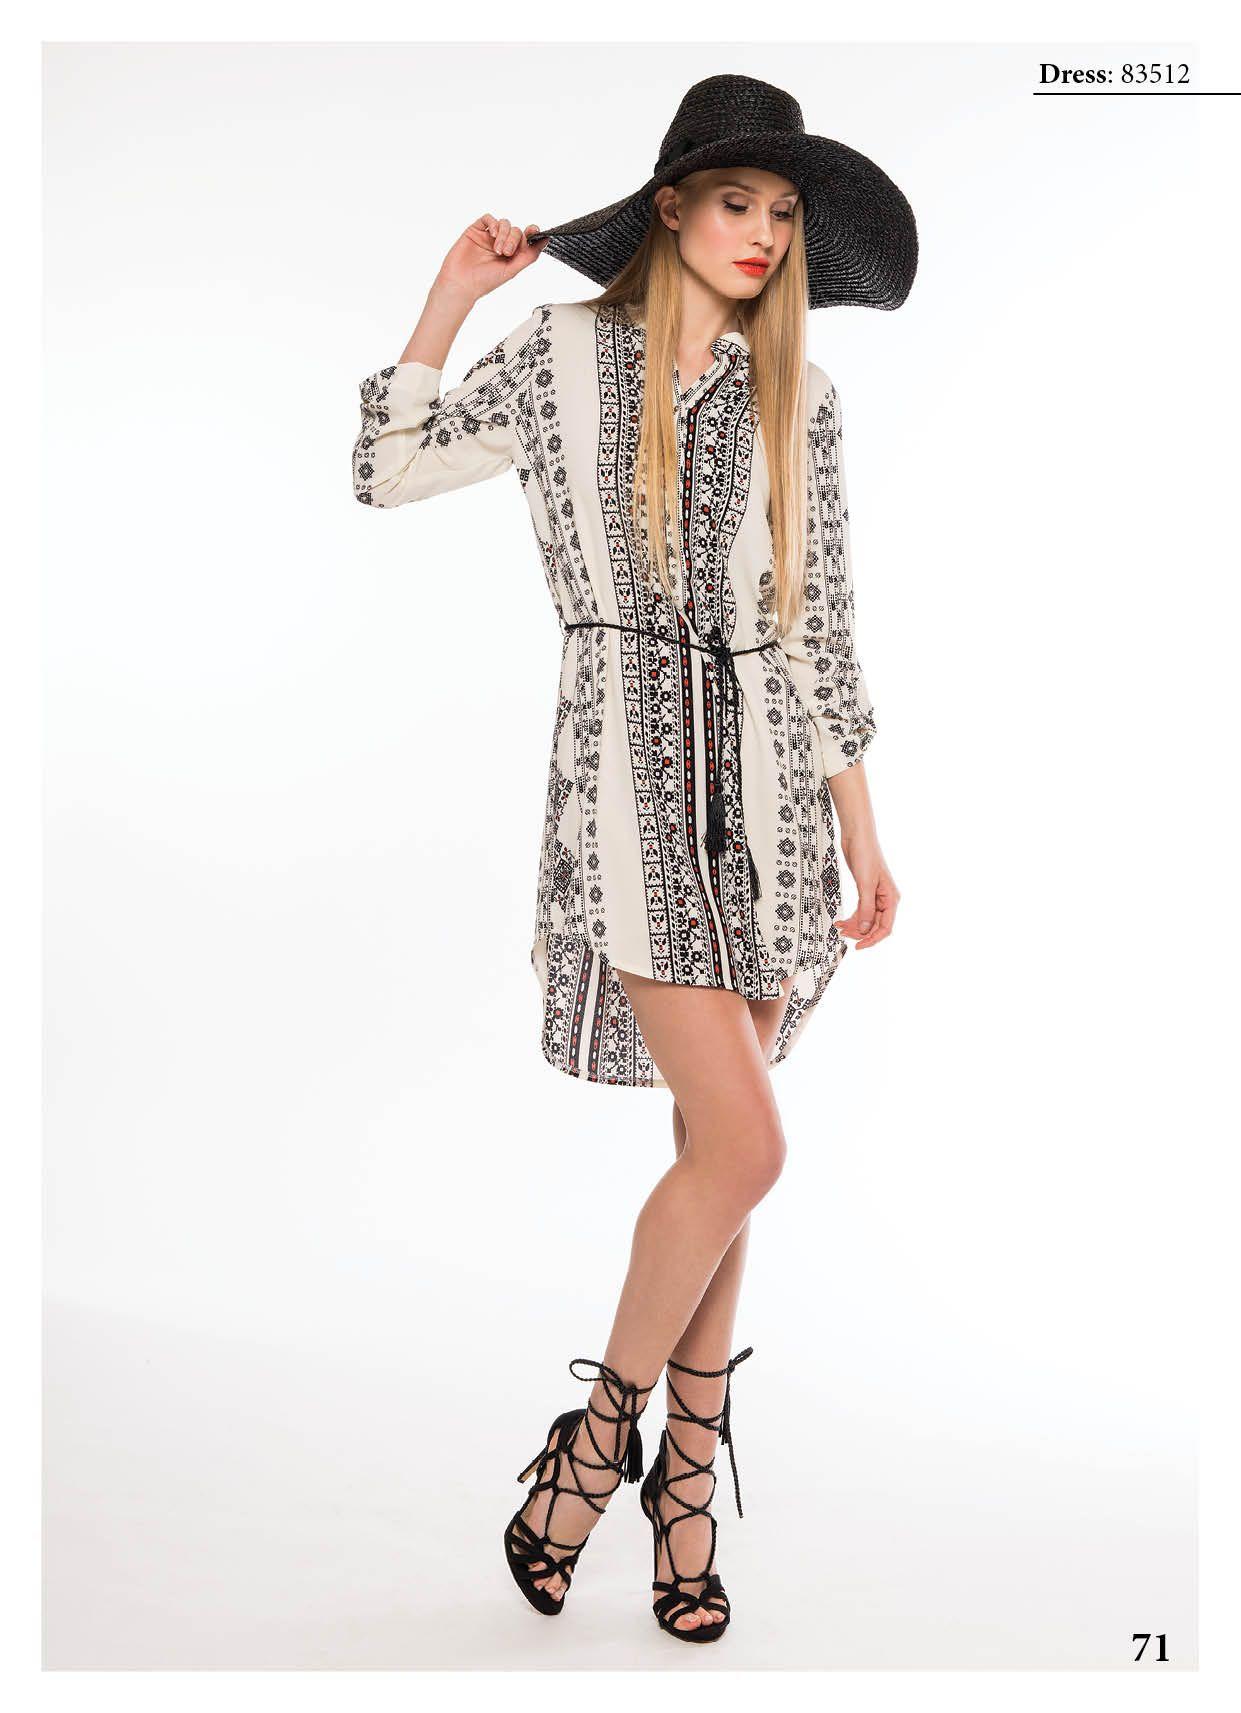 Derpouli Άνοιξη Καλοκαίρι 2016 - Derpouli Fashion  621c507ac93